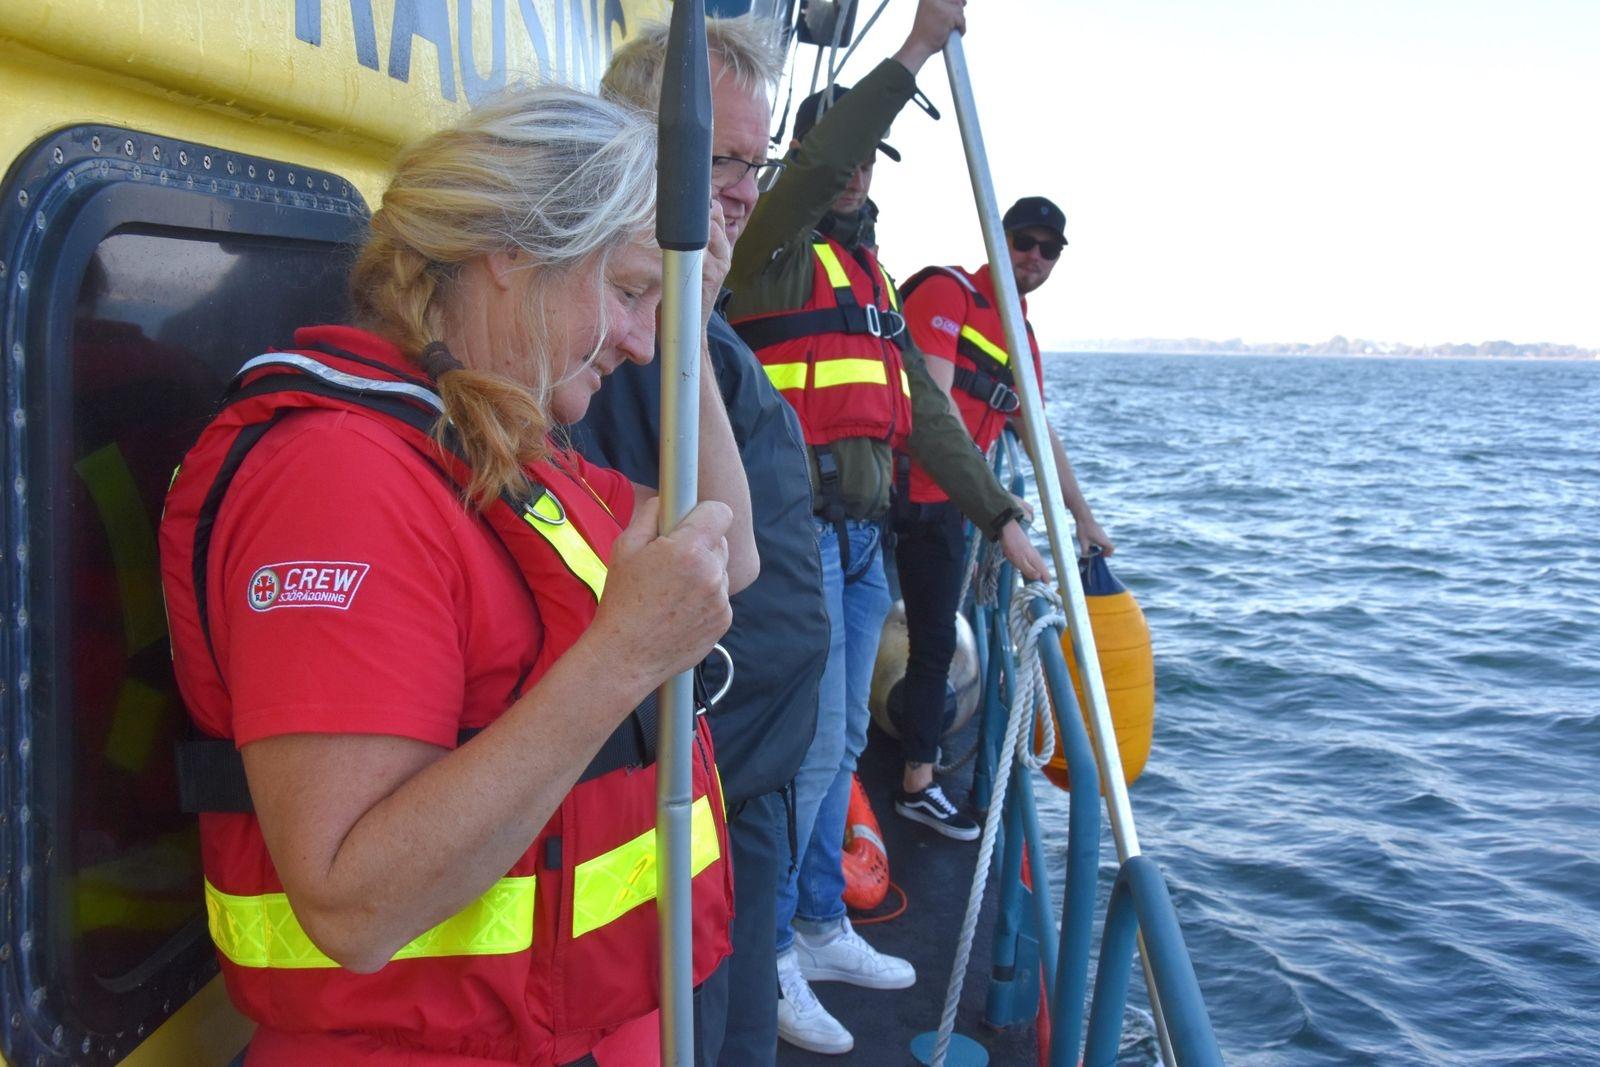 I dag är det som tur var bara en gul fender som behöver undsättas som en del av Sjöräddningssällskapets övningar. Närmast i bild syns Anna Agger och Anders Nyman.